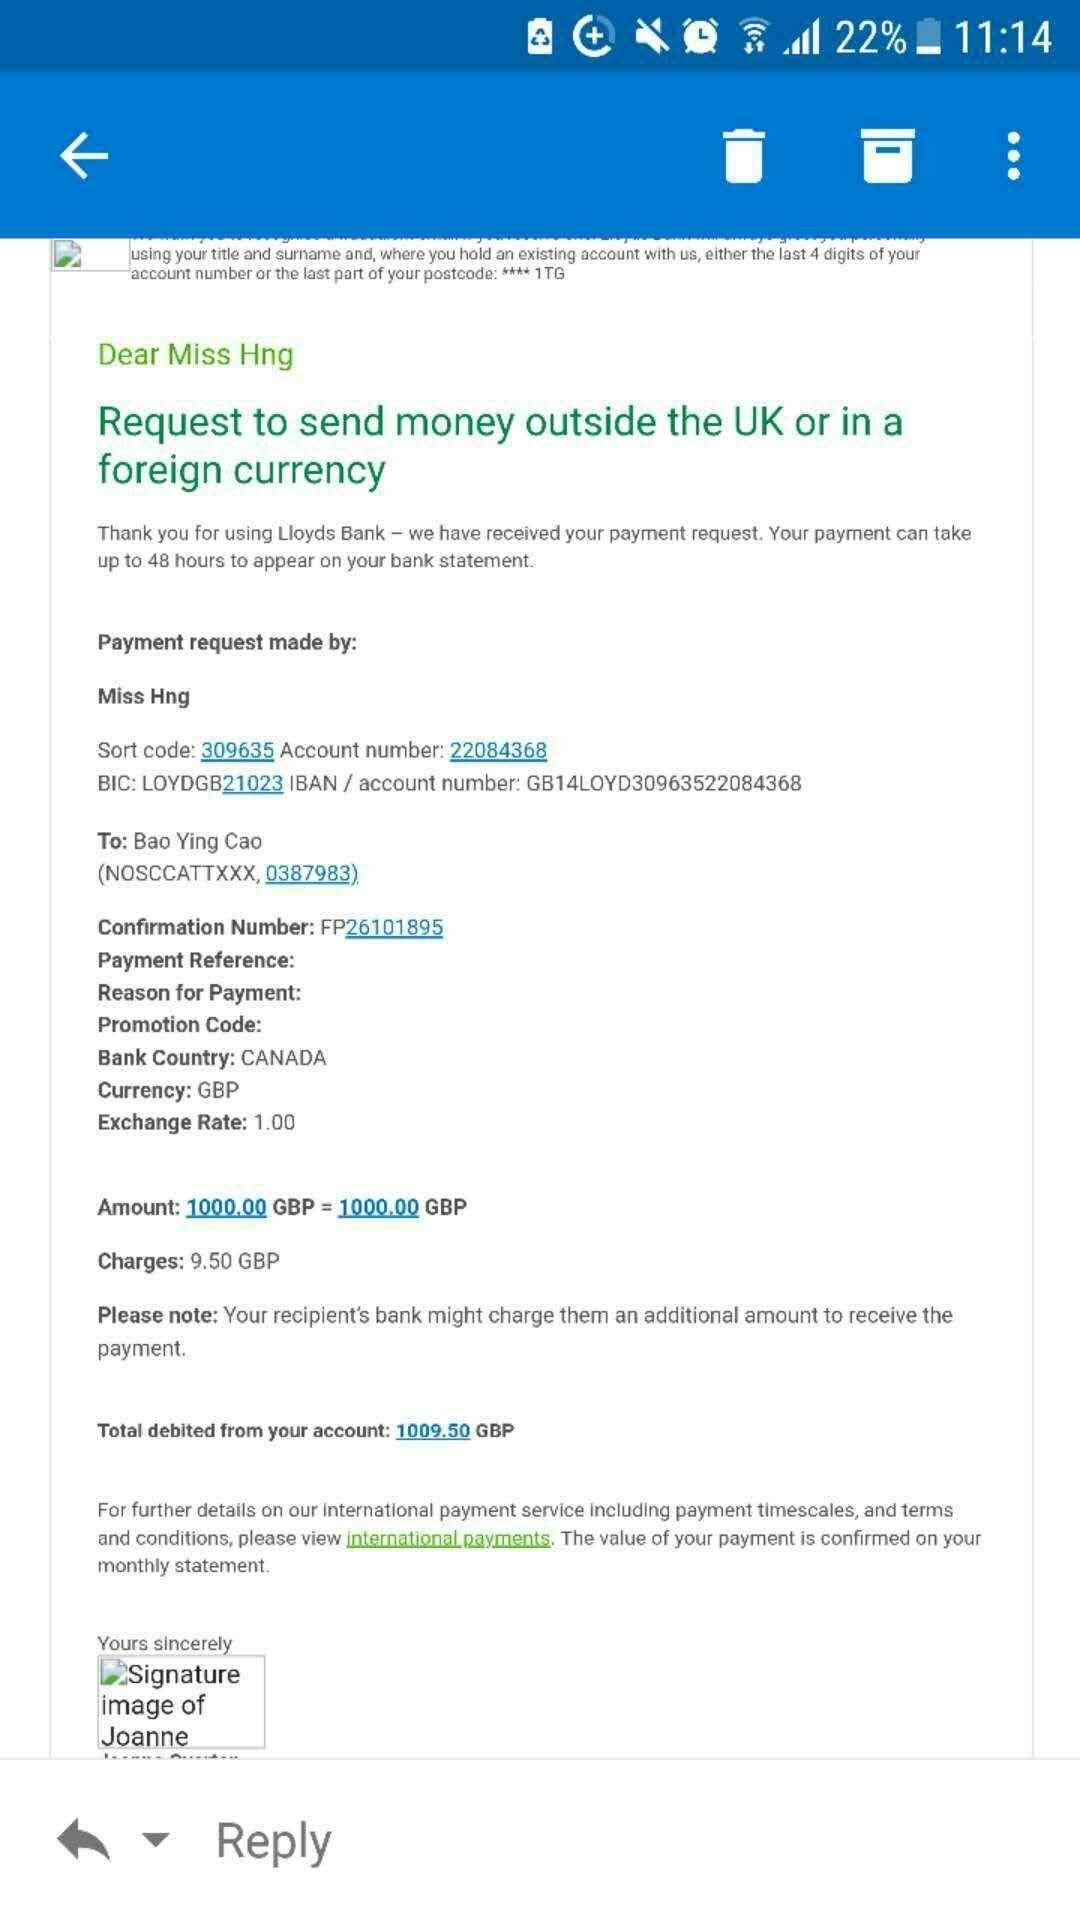 歐美加澳海外華人大小額度易贷款借錢及外币兌換换汇网上自助交易